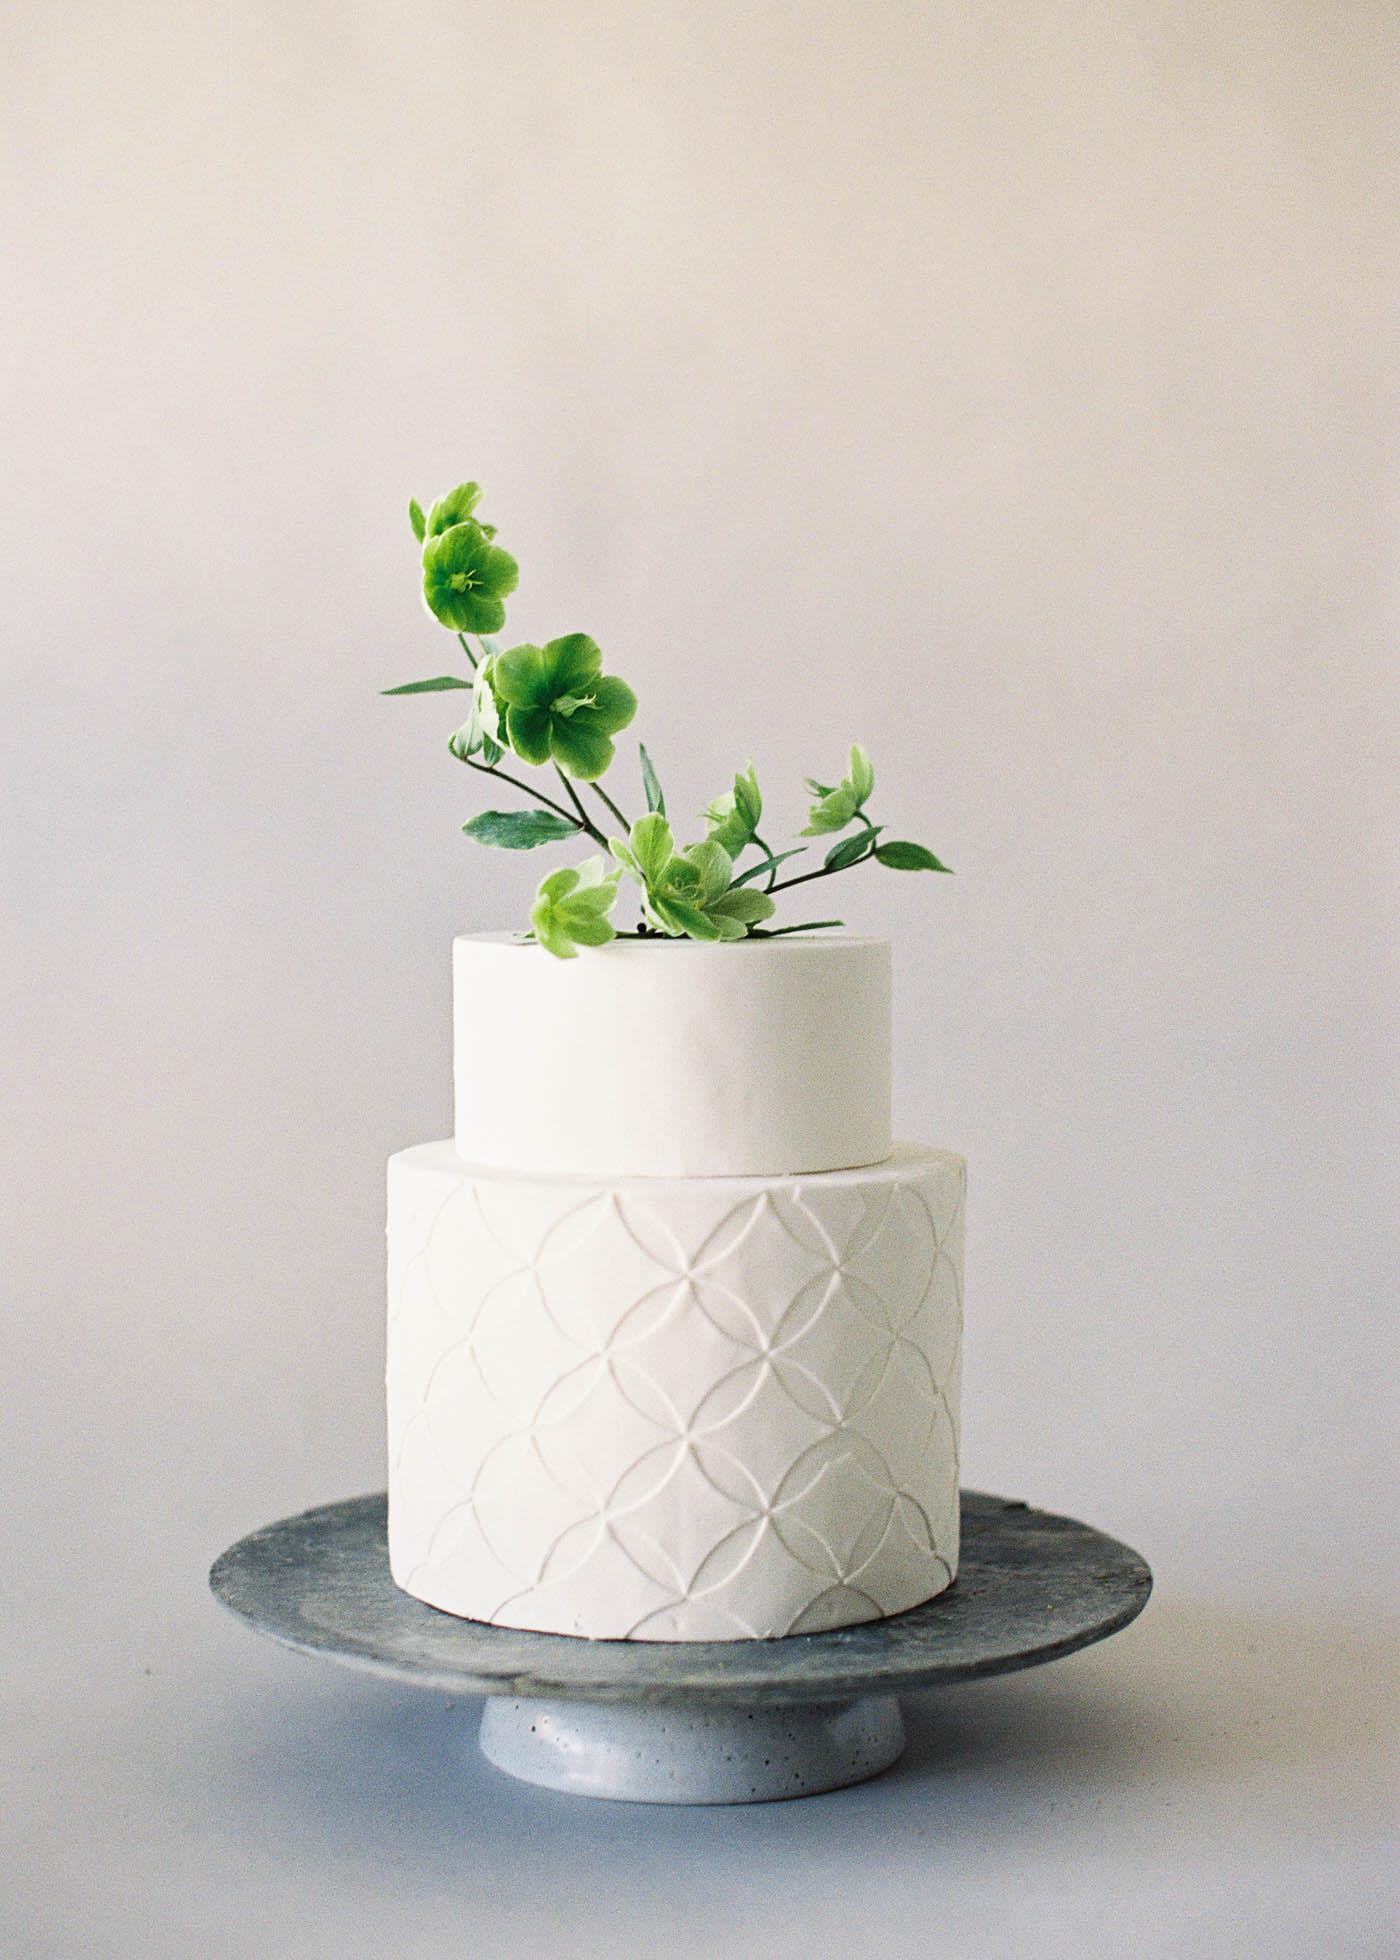 Cake-Favorites-14-Jen_Huang-000486-R1-039-18.jpg